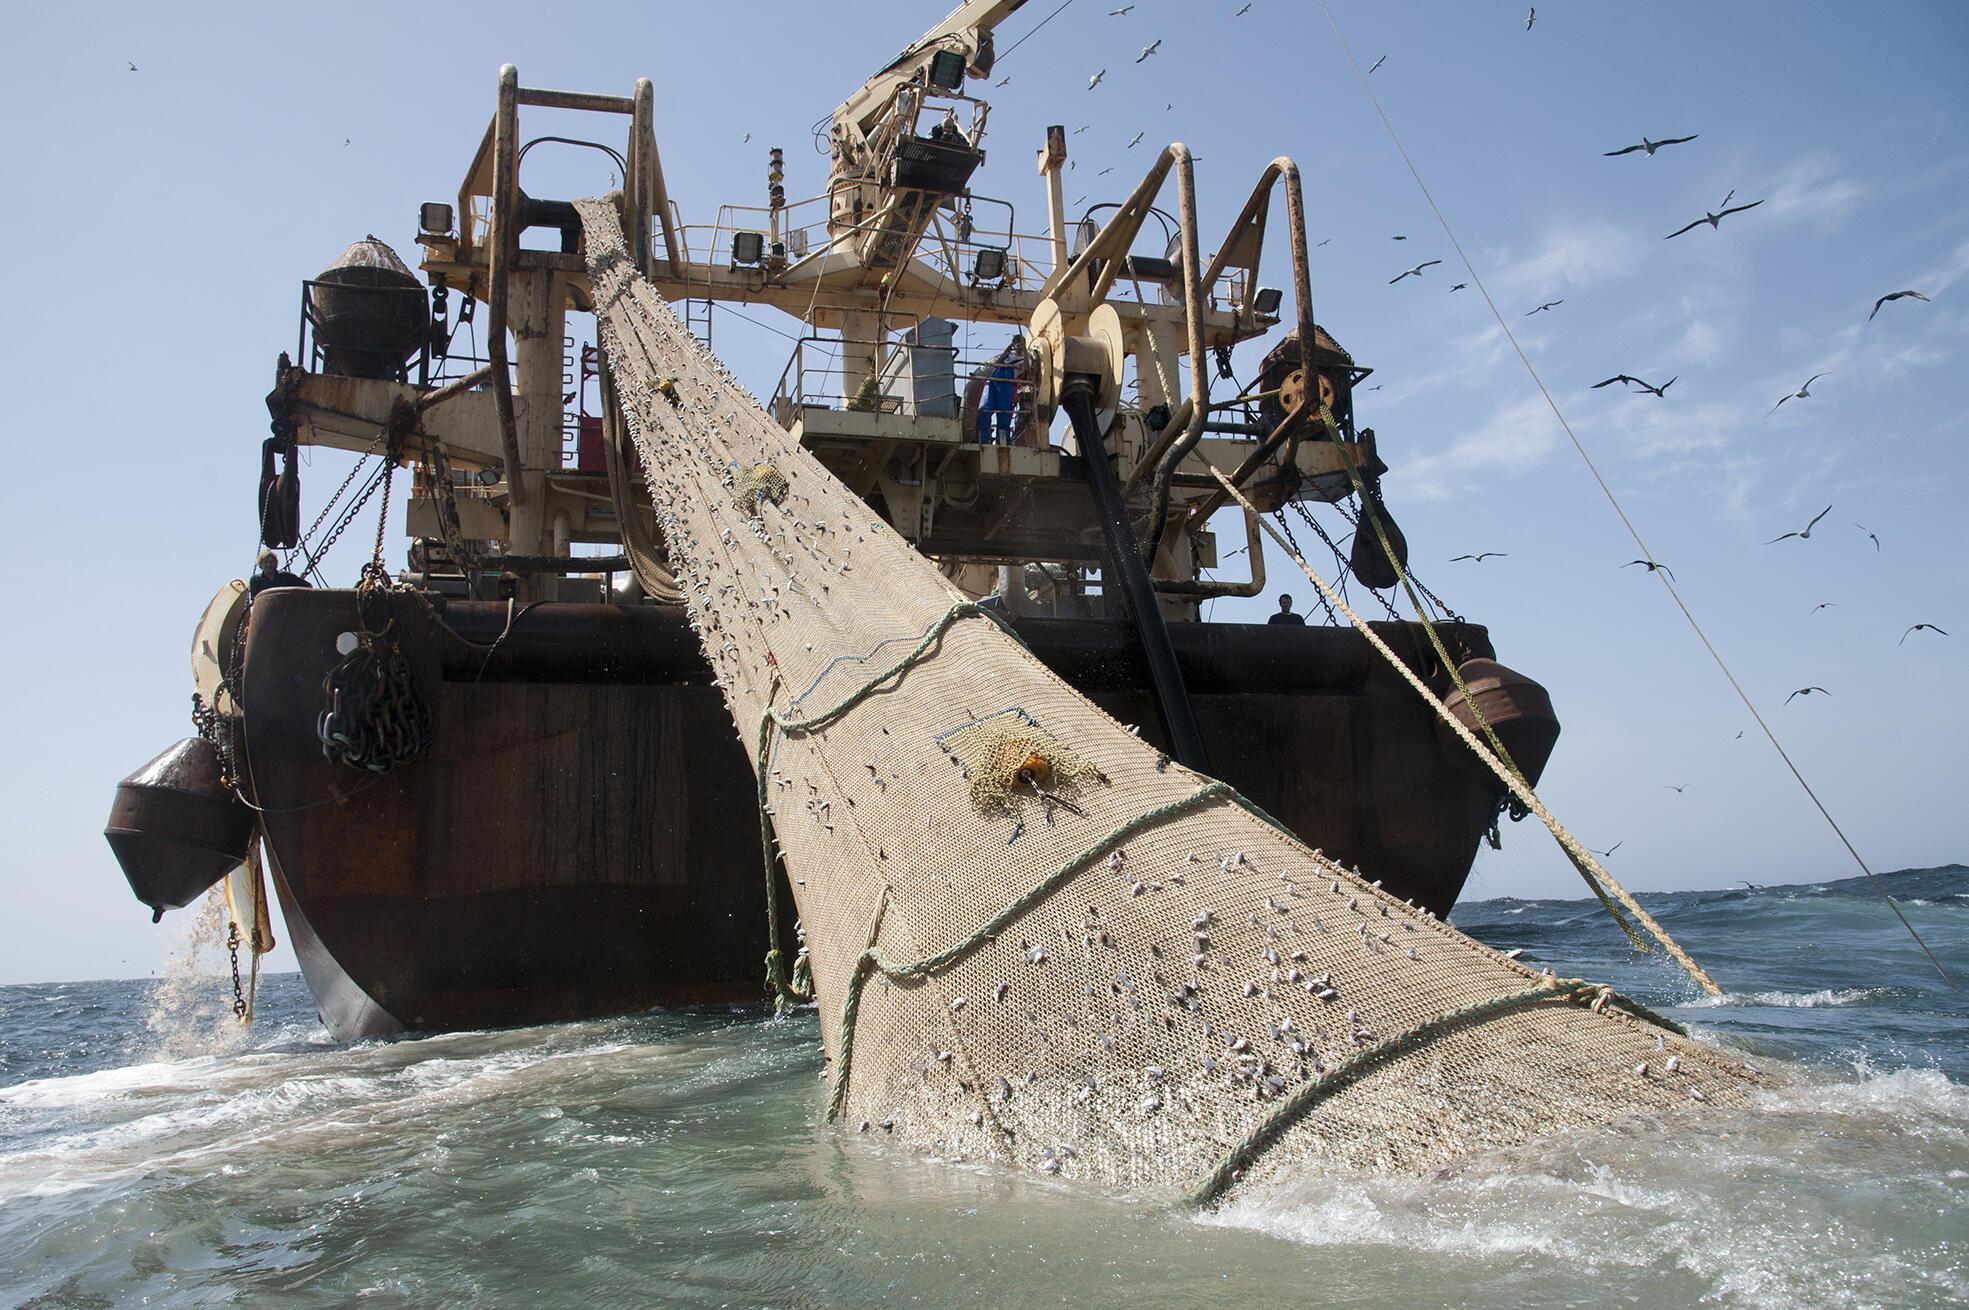 Le Helen Mary, battant pavillon allemand, ici au large des côtes mauritaniennes en 2012, est l'un des 20 «bateaux monstres» recensés par Greenpeace.